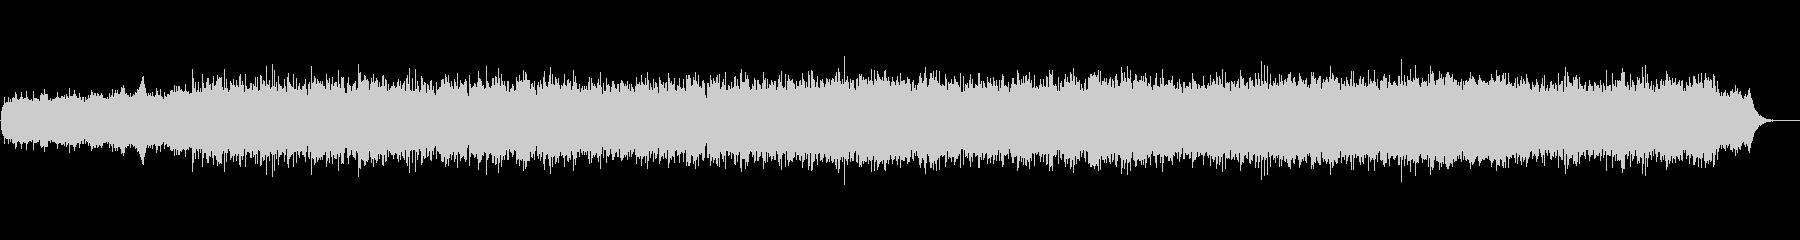 スパのBGMなどに適したリラクシング曲の未再生の波形